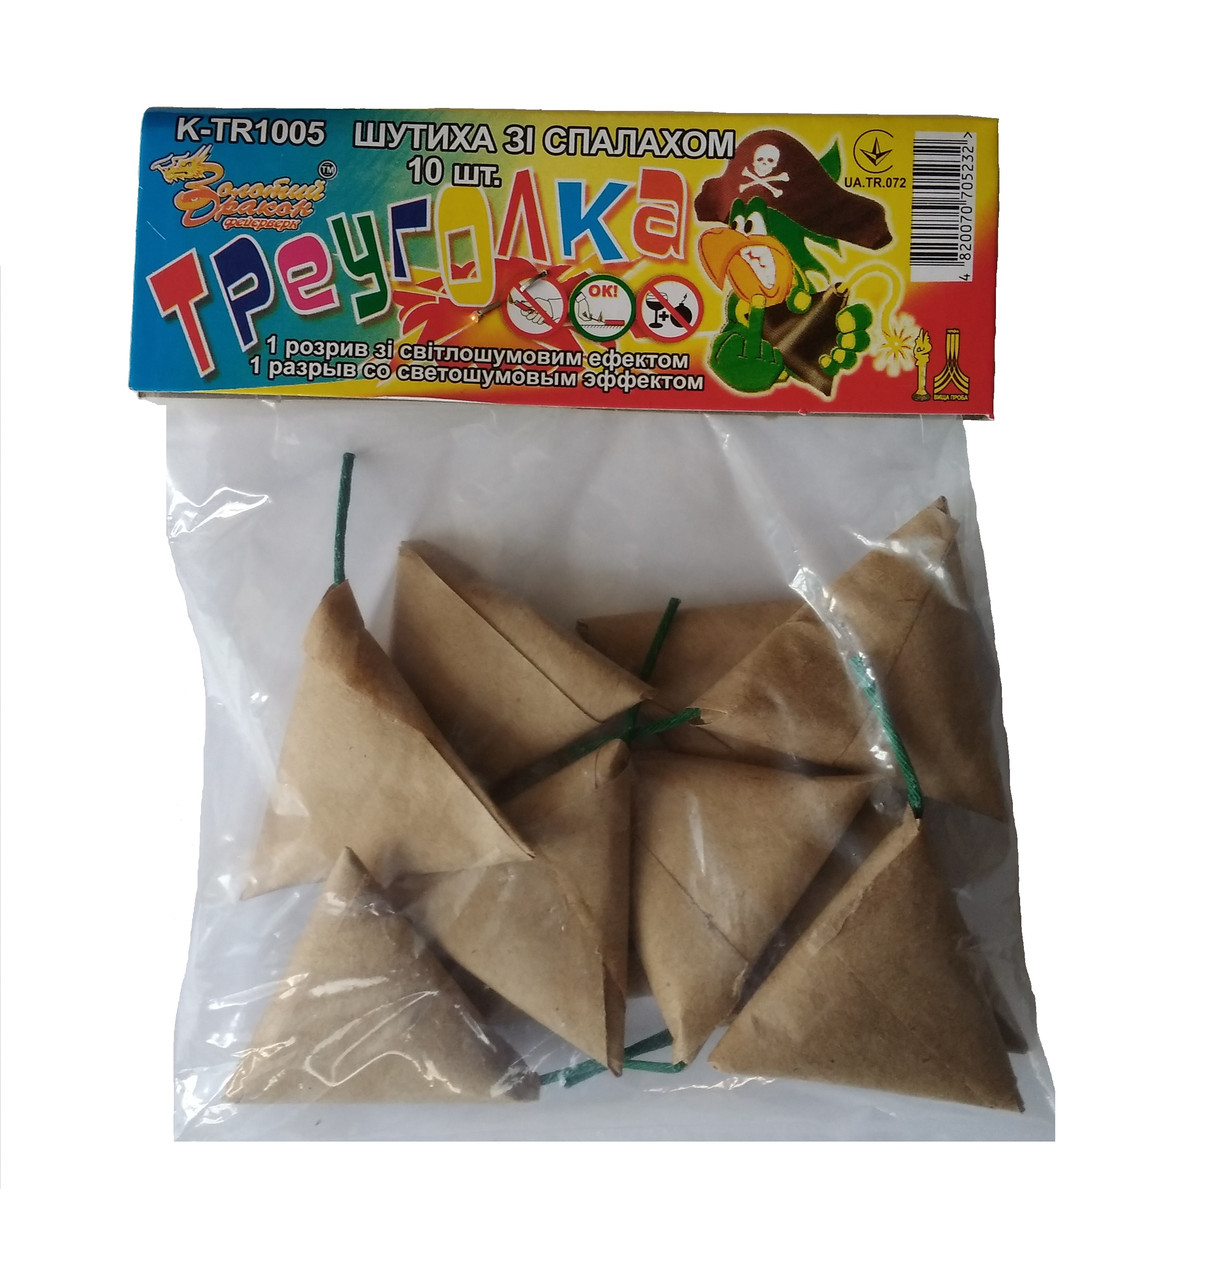 Фитильные петарды Треуголка 10 шт (треугольник) Золотой Дракон TR1005